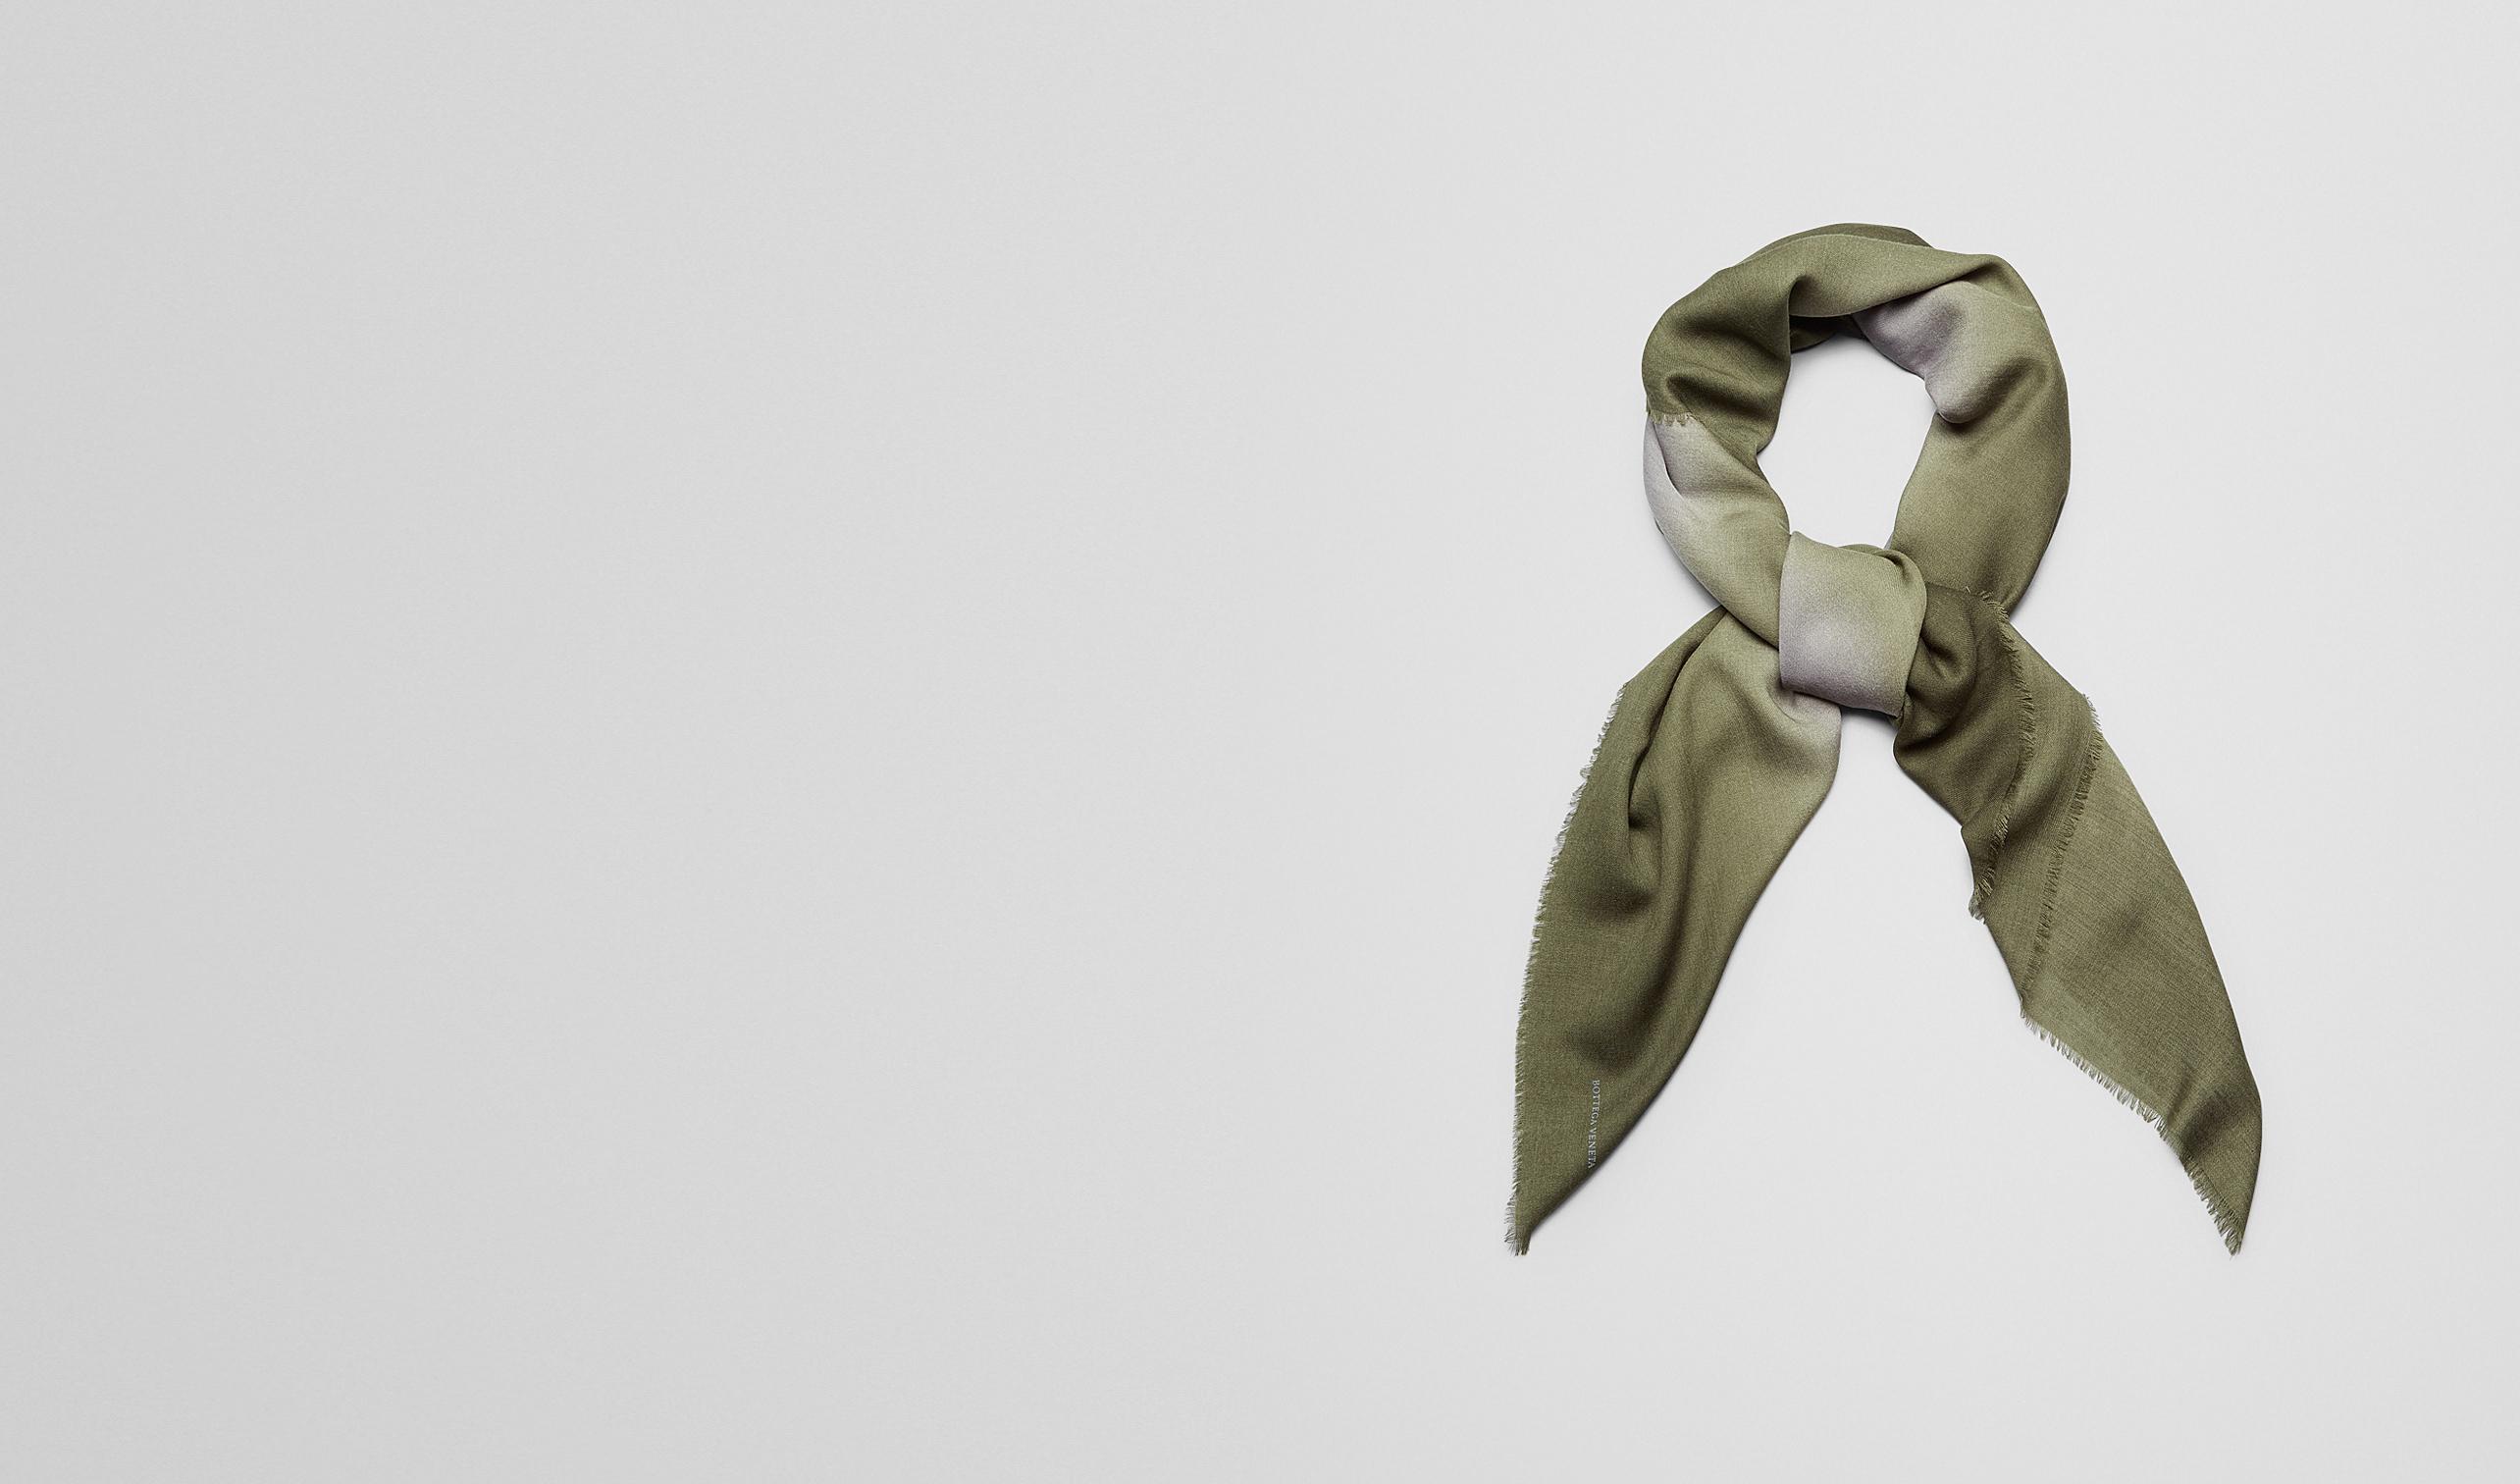 BOTTEGA VENETA écharpe ou autre accessorie E ÉCHARPE EN LAINE FLANNEL DARK GREEN pl